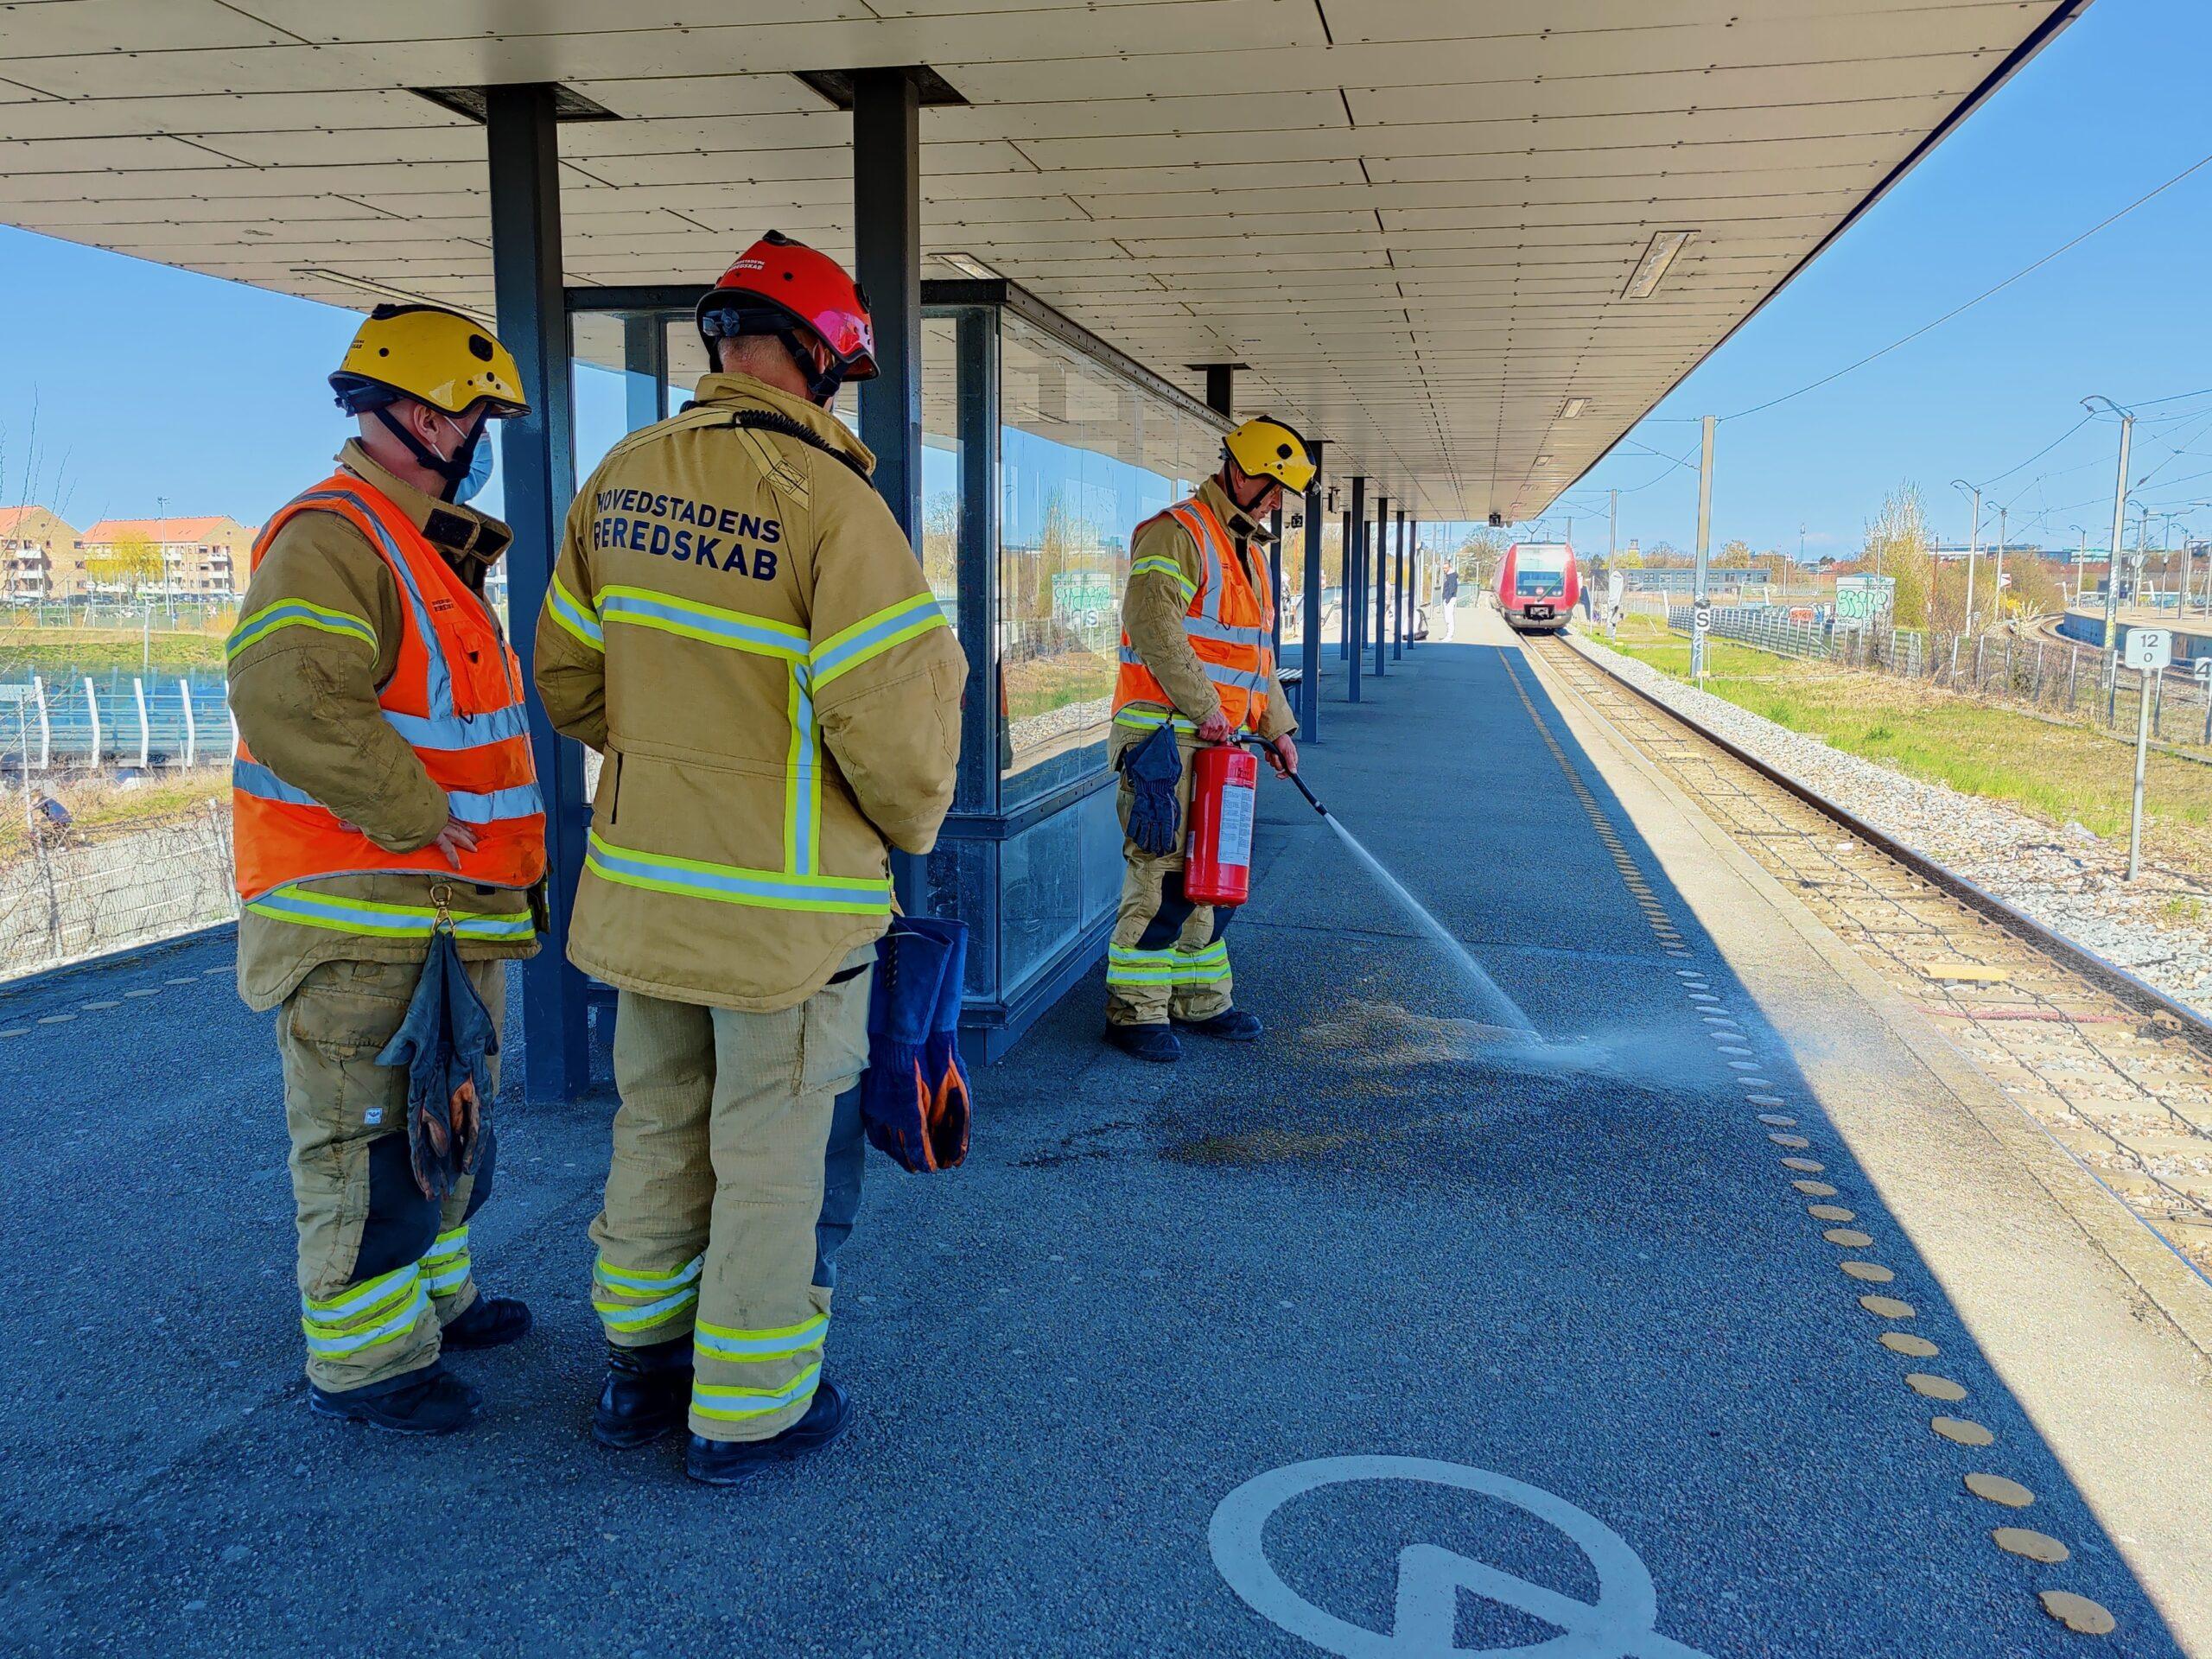 Mand ramt af cykel ved ulykke på togstation